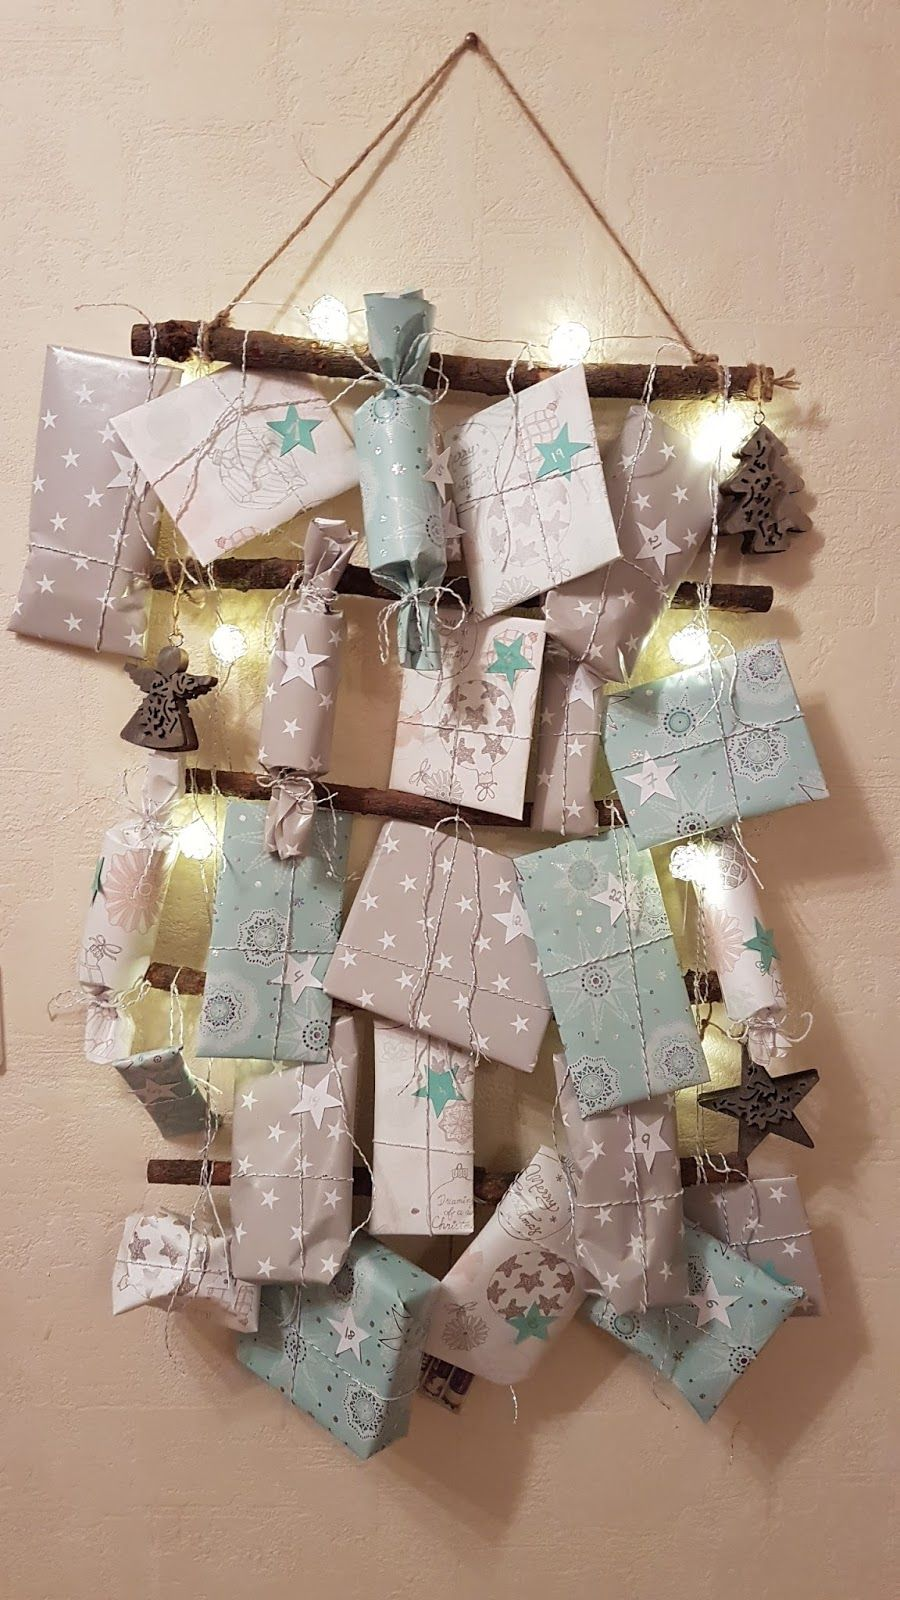 diy weihnachten adventskalender selbstgemacht basteln verpacken weihnachtszeit advent. Black Bedroom Furniture Sets. Home Design Ideas